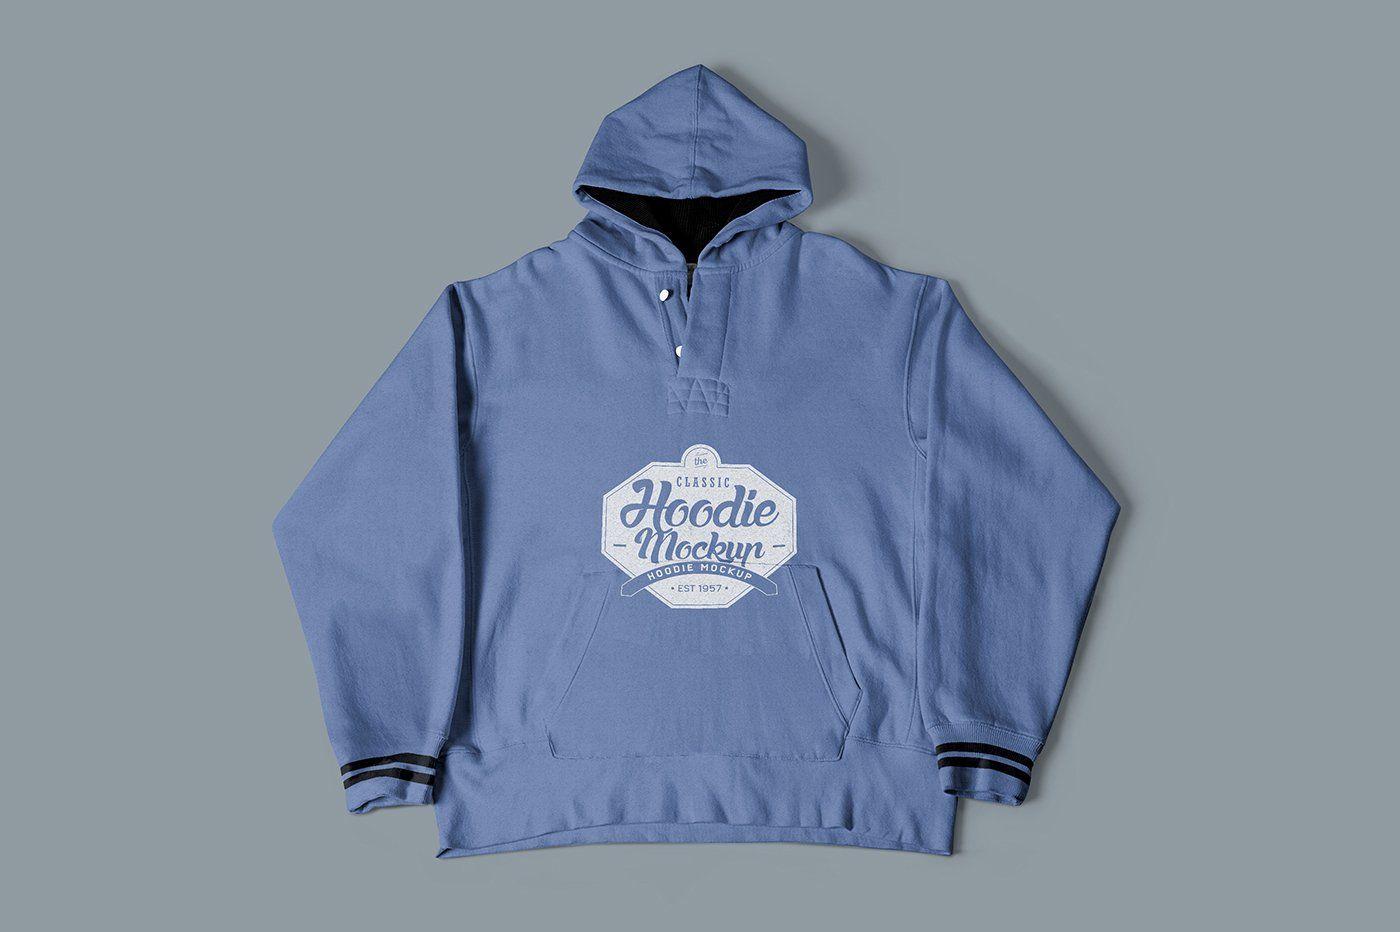 Download Hoodie Mockups Hoodie Mockup Hoodie Mockup Free Hoodie Design